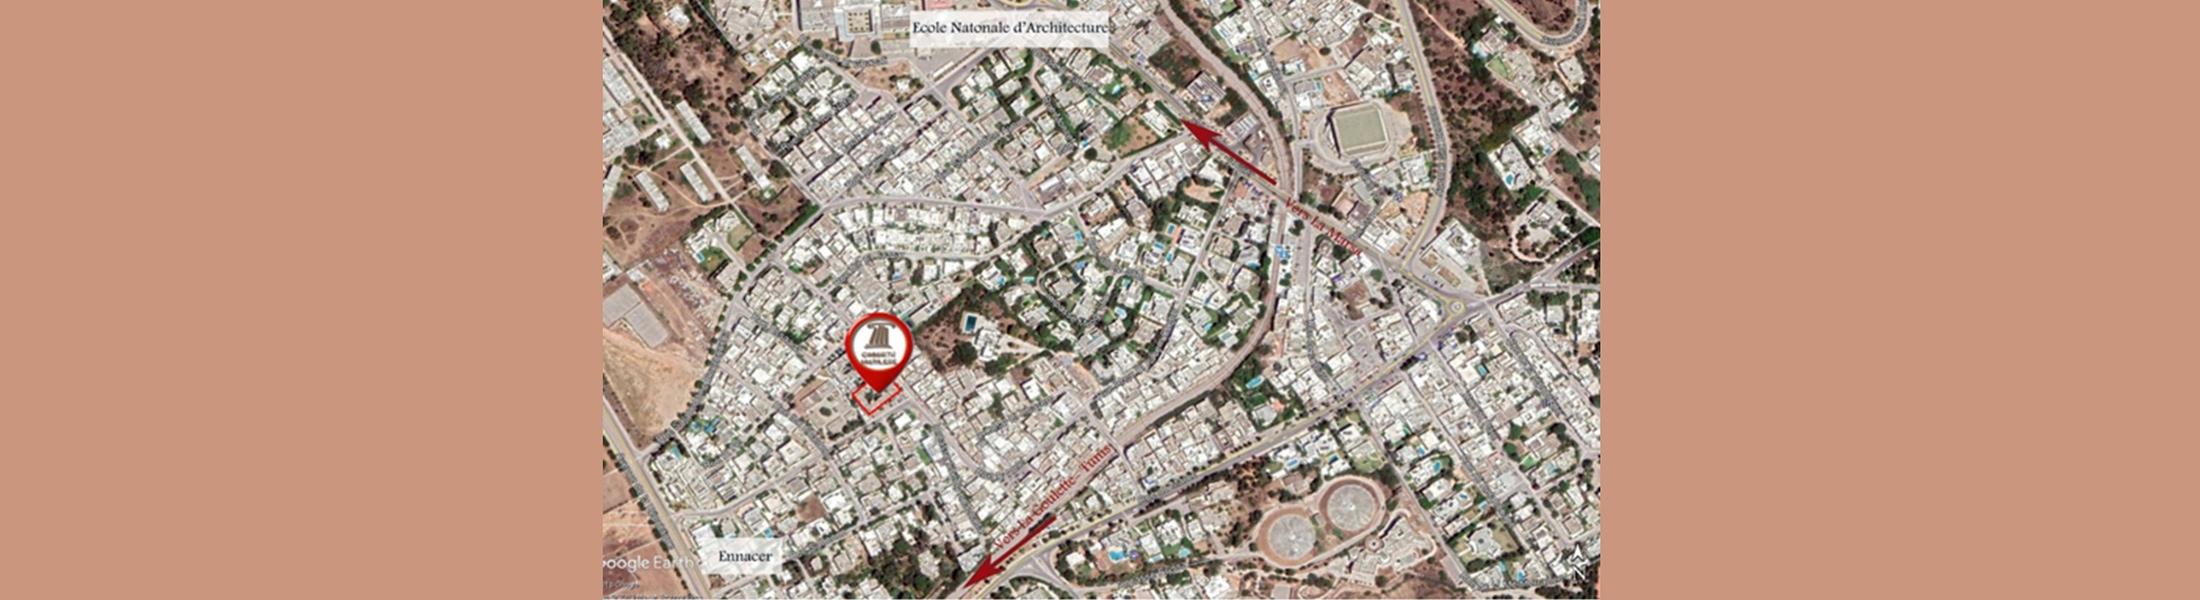 Appartement Elysse  - Sidi Bou Said (Appel d'Offres N° 01/2021)